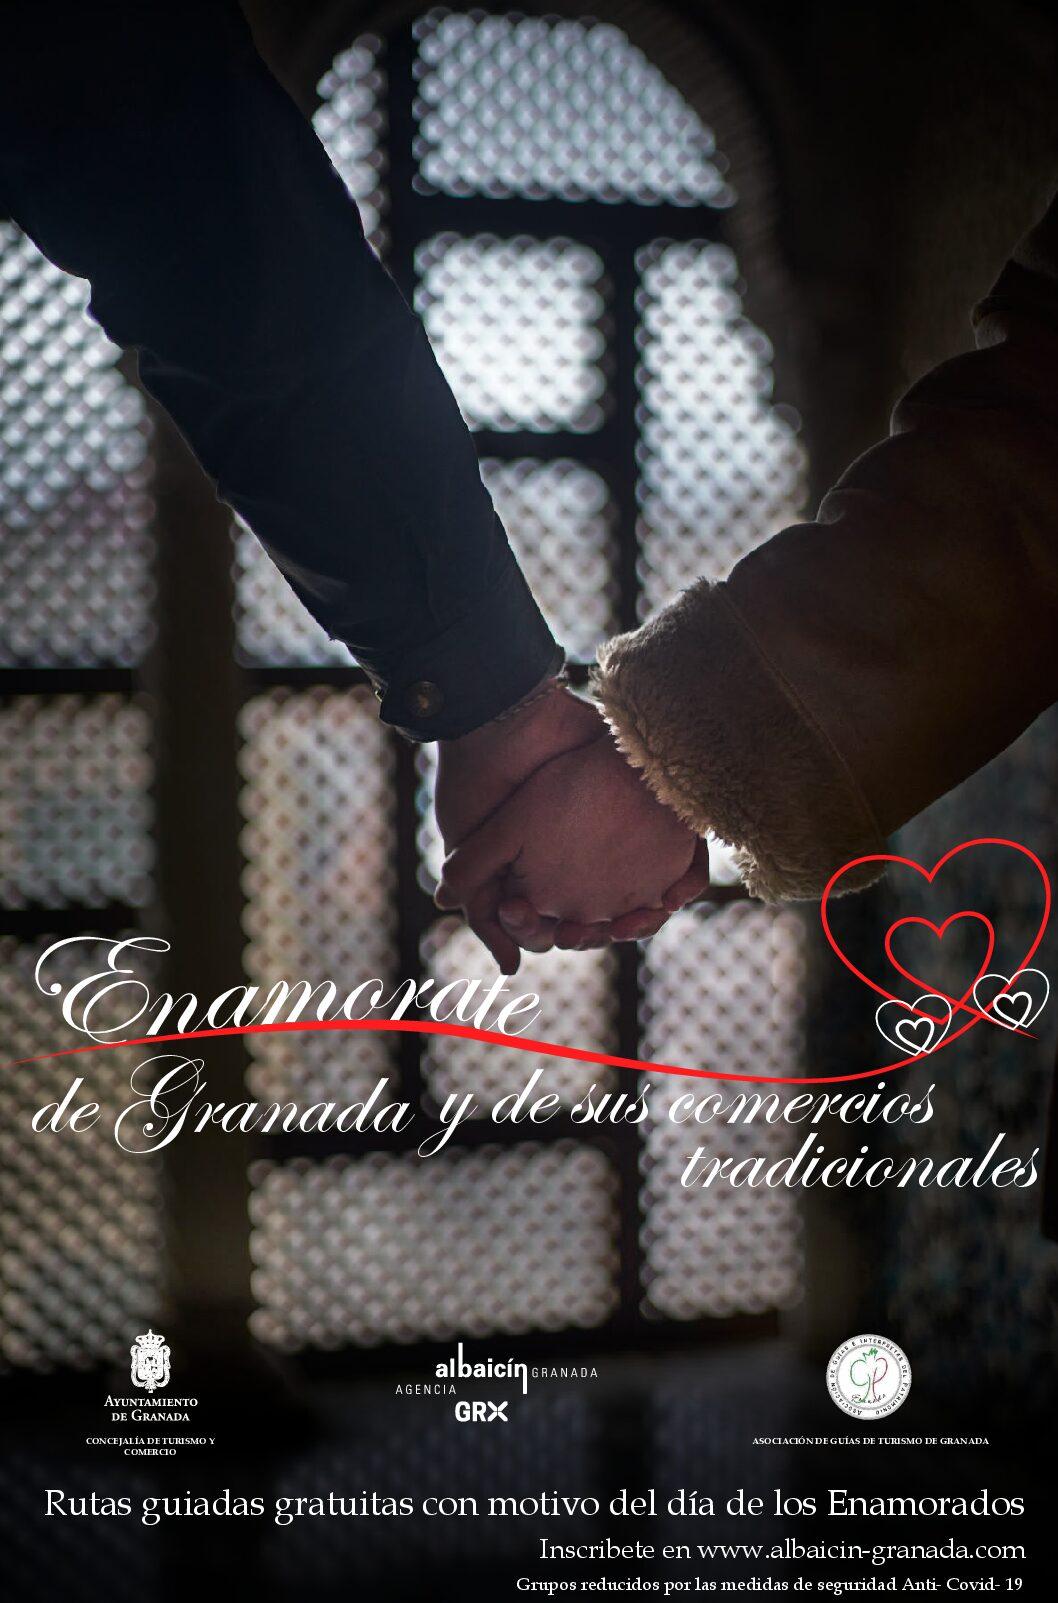 'Enamórate de Granada y sus comercios',  campaña municipal con motivo de San Valentín